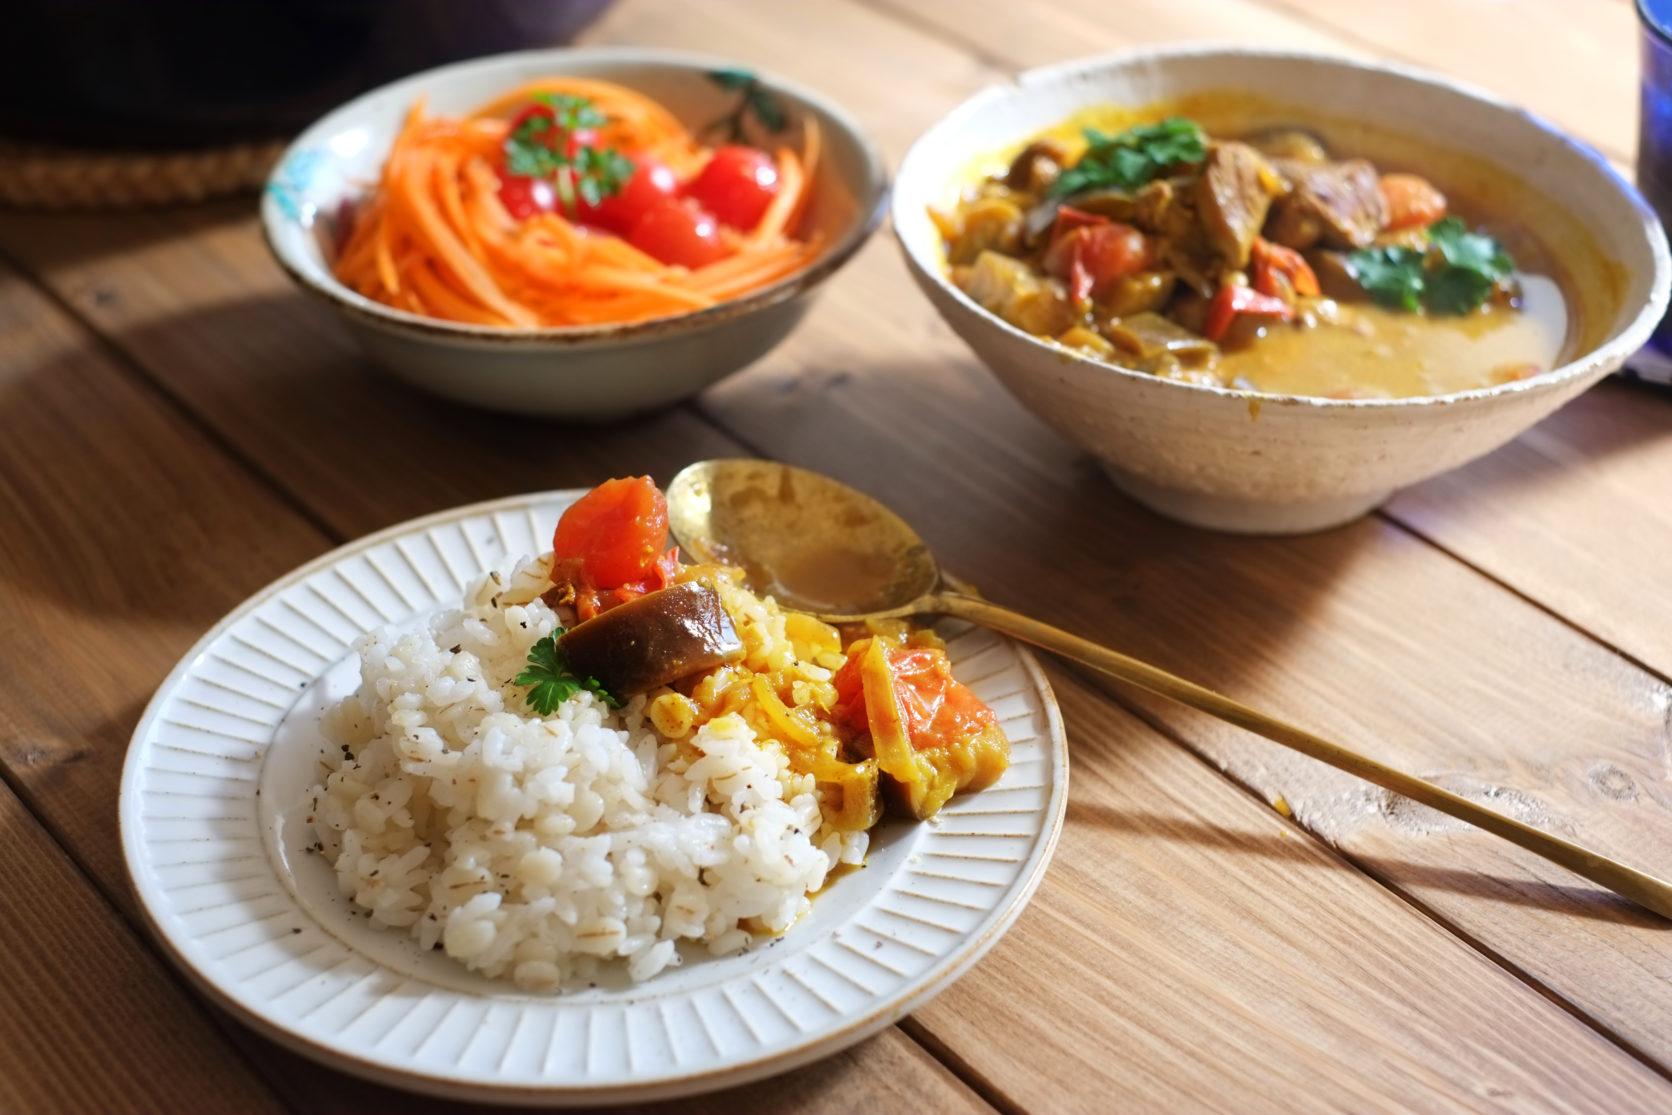 札幌の名物グルメ「スープカレー」